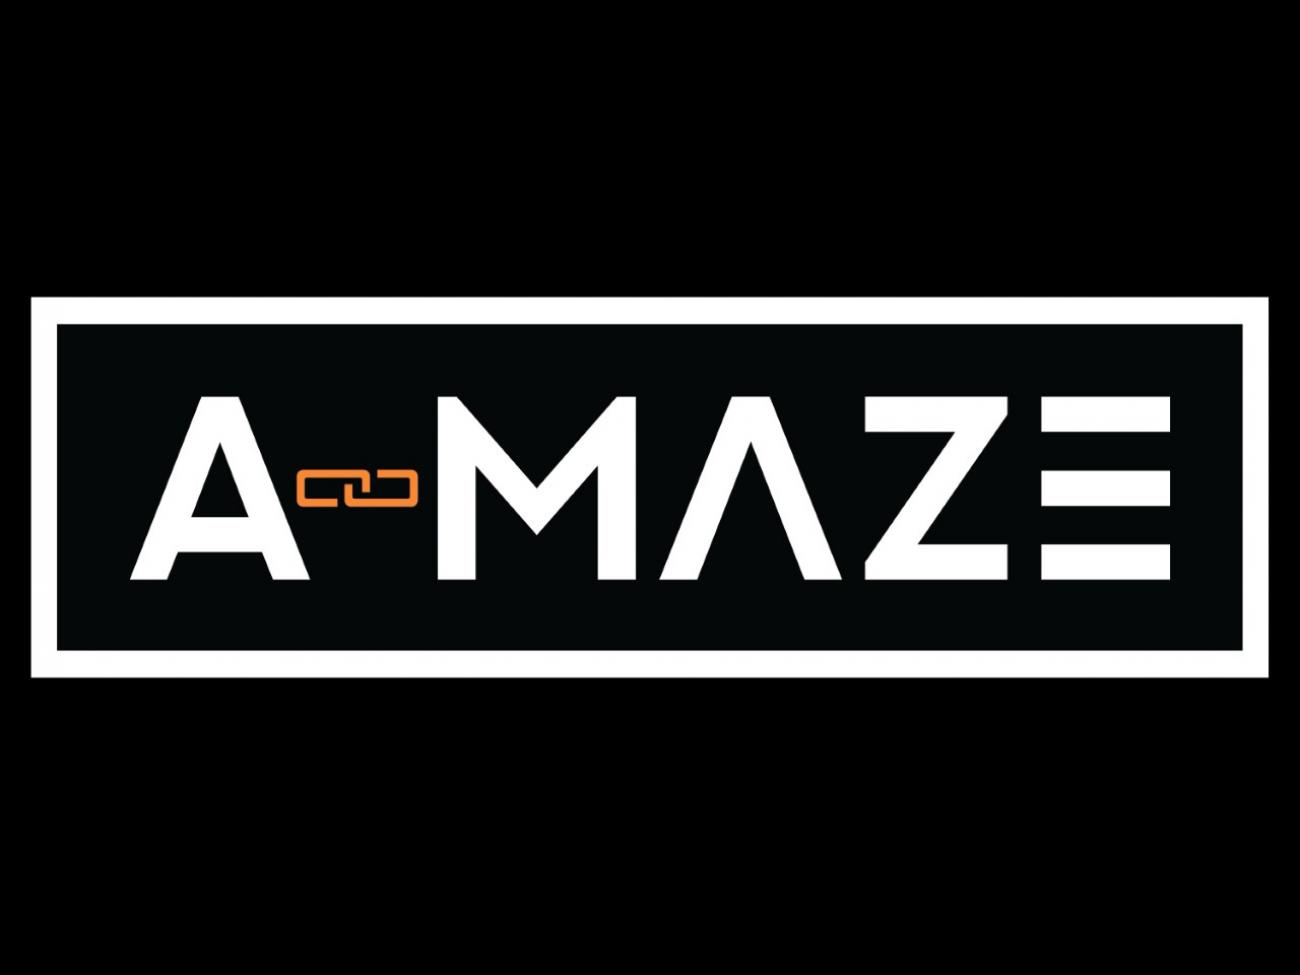 Amaze3 apr1221